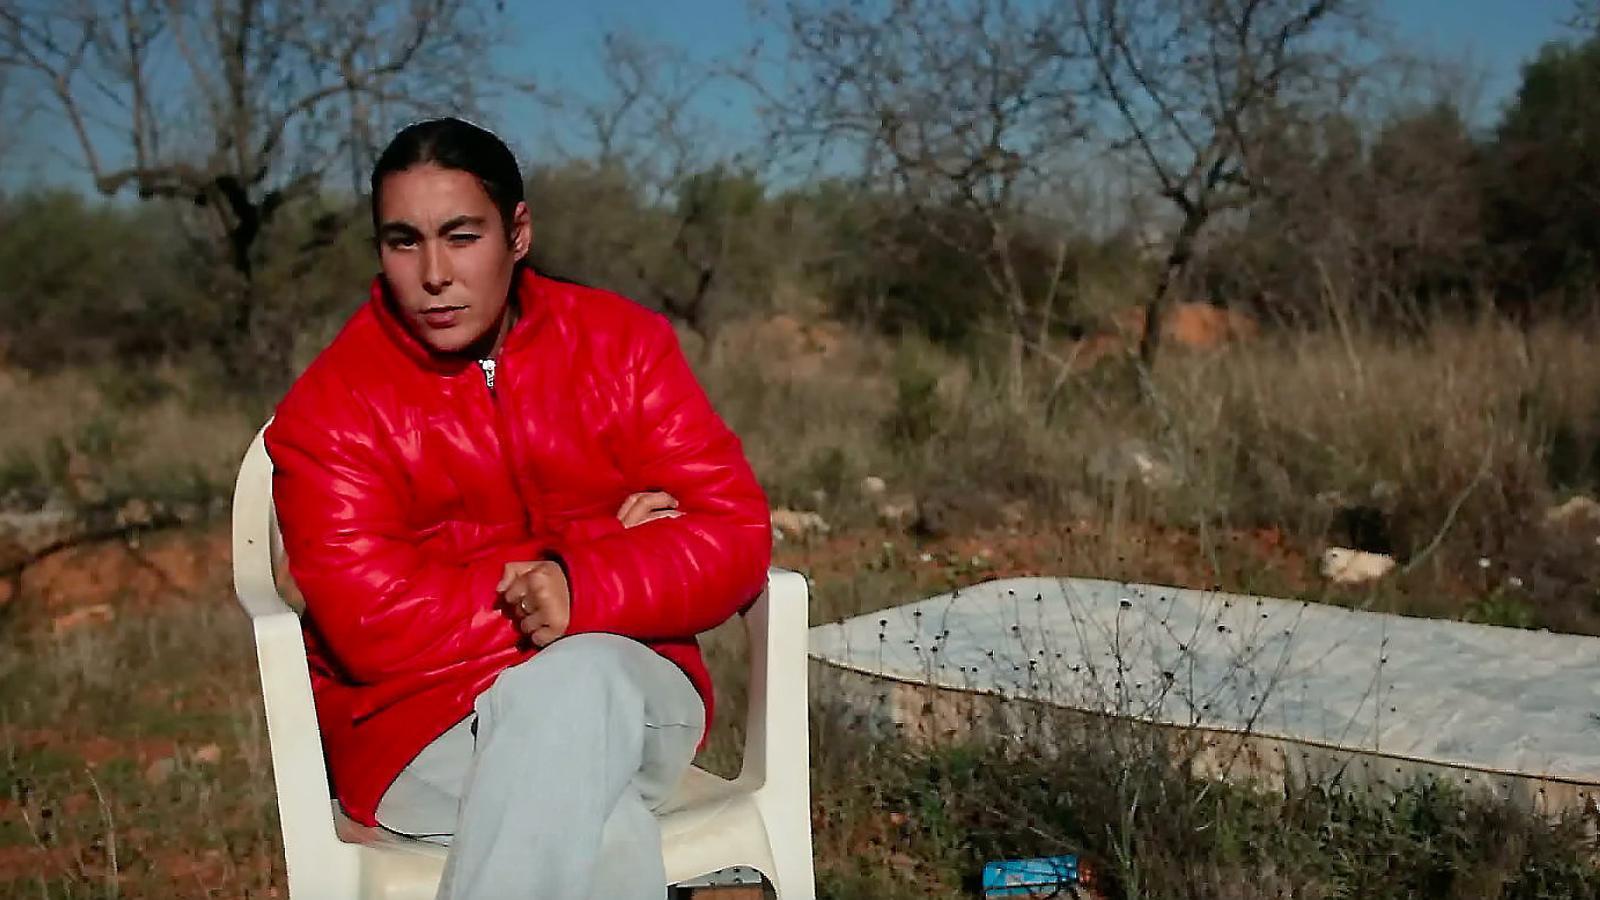 Mari Carmen Moreno, una de les suposades víctimes del Bar España, és entrevistada al documental La manada,dirigit pel cineasta de Dénia Valentí Figueres. / VALENTÍ FIGUERES